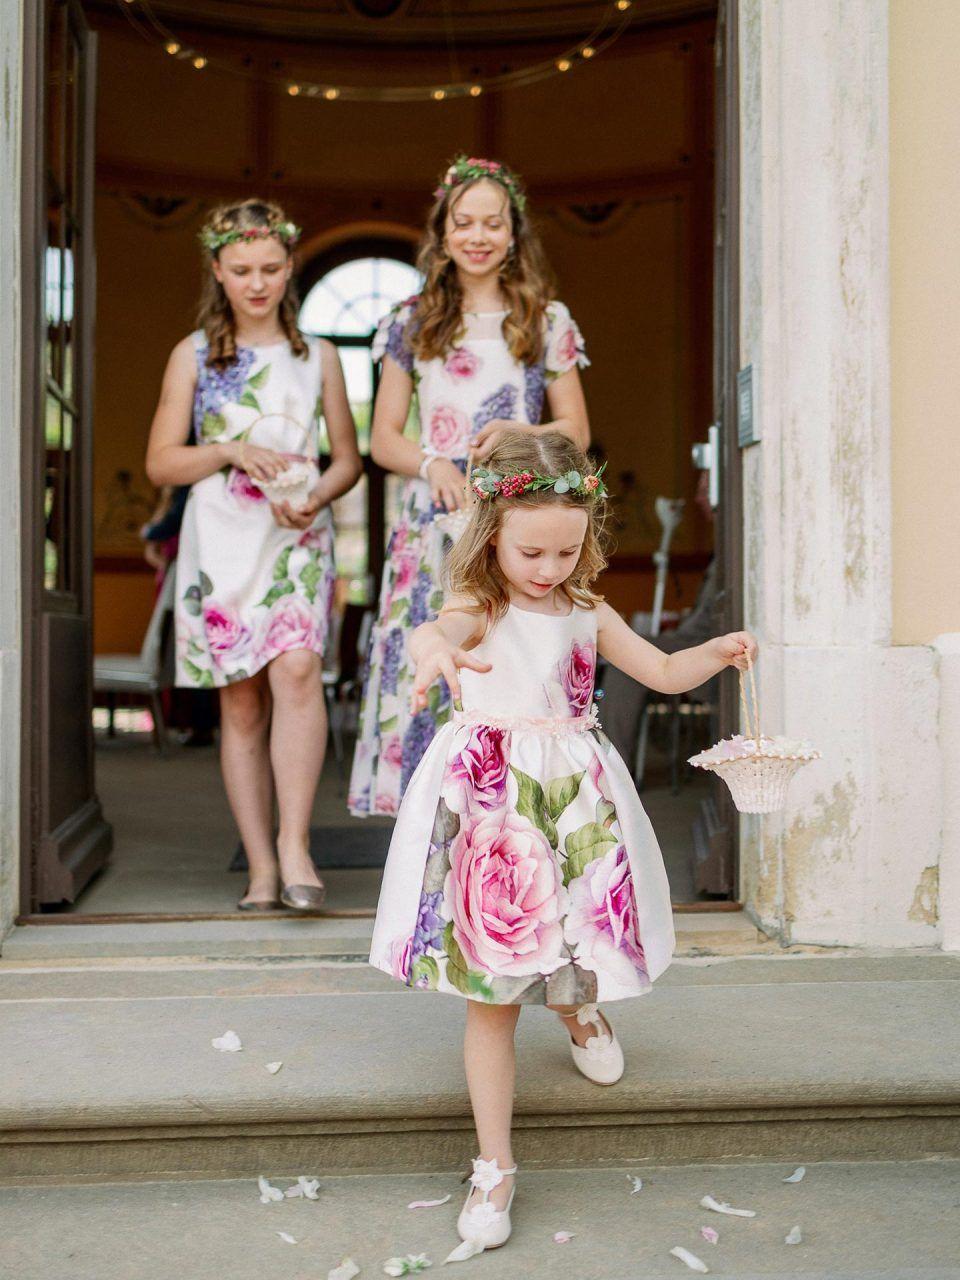 Schloss Wackerbarth Hochzeit Fur Alle Sinne Fotografie Vivid Symphony In 2020 Blumenmadchen Kleid Kleid Hochzeit Madchenkleid